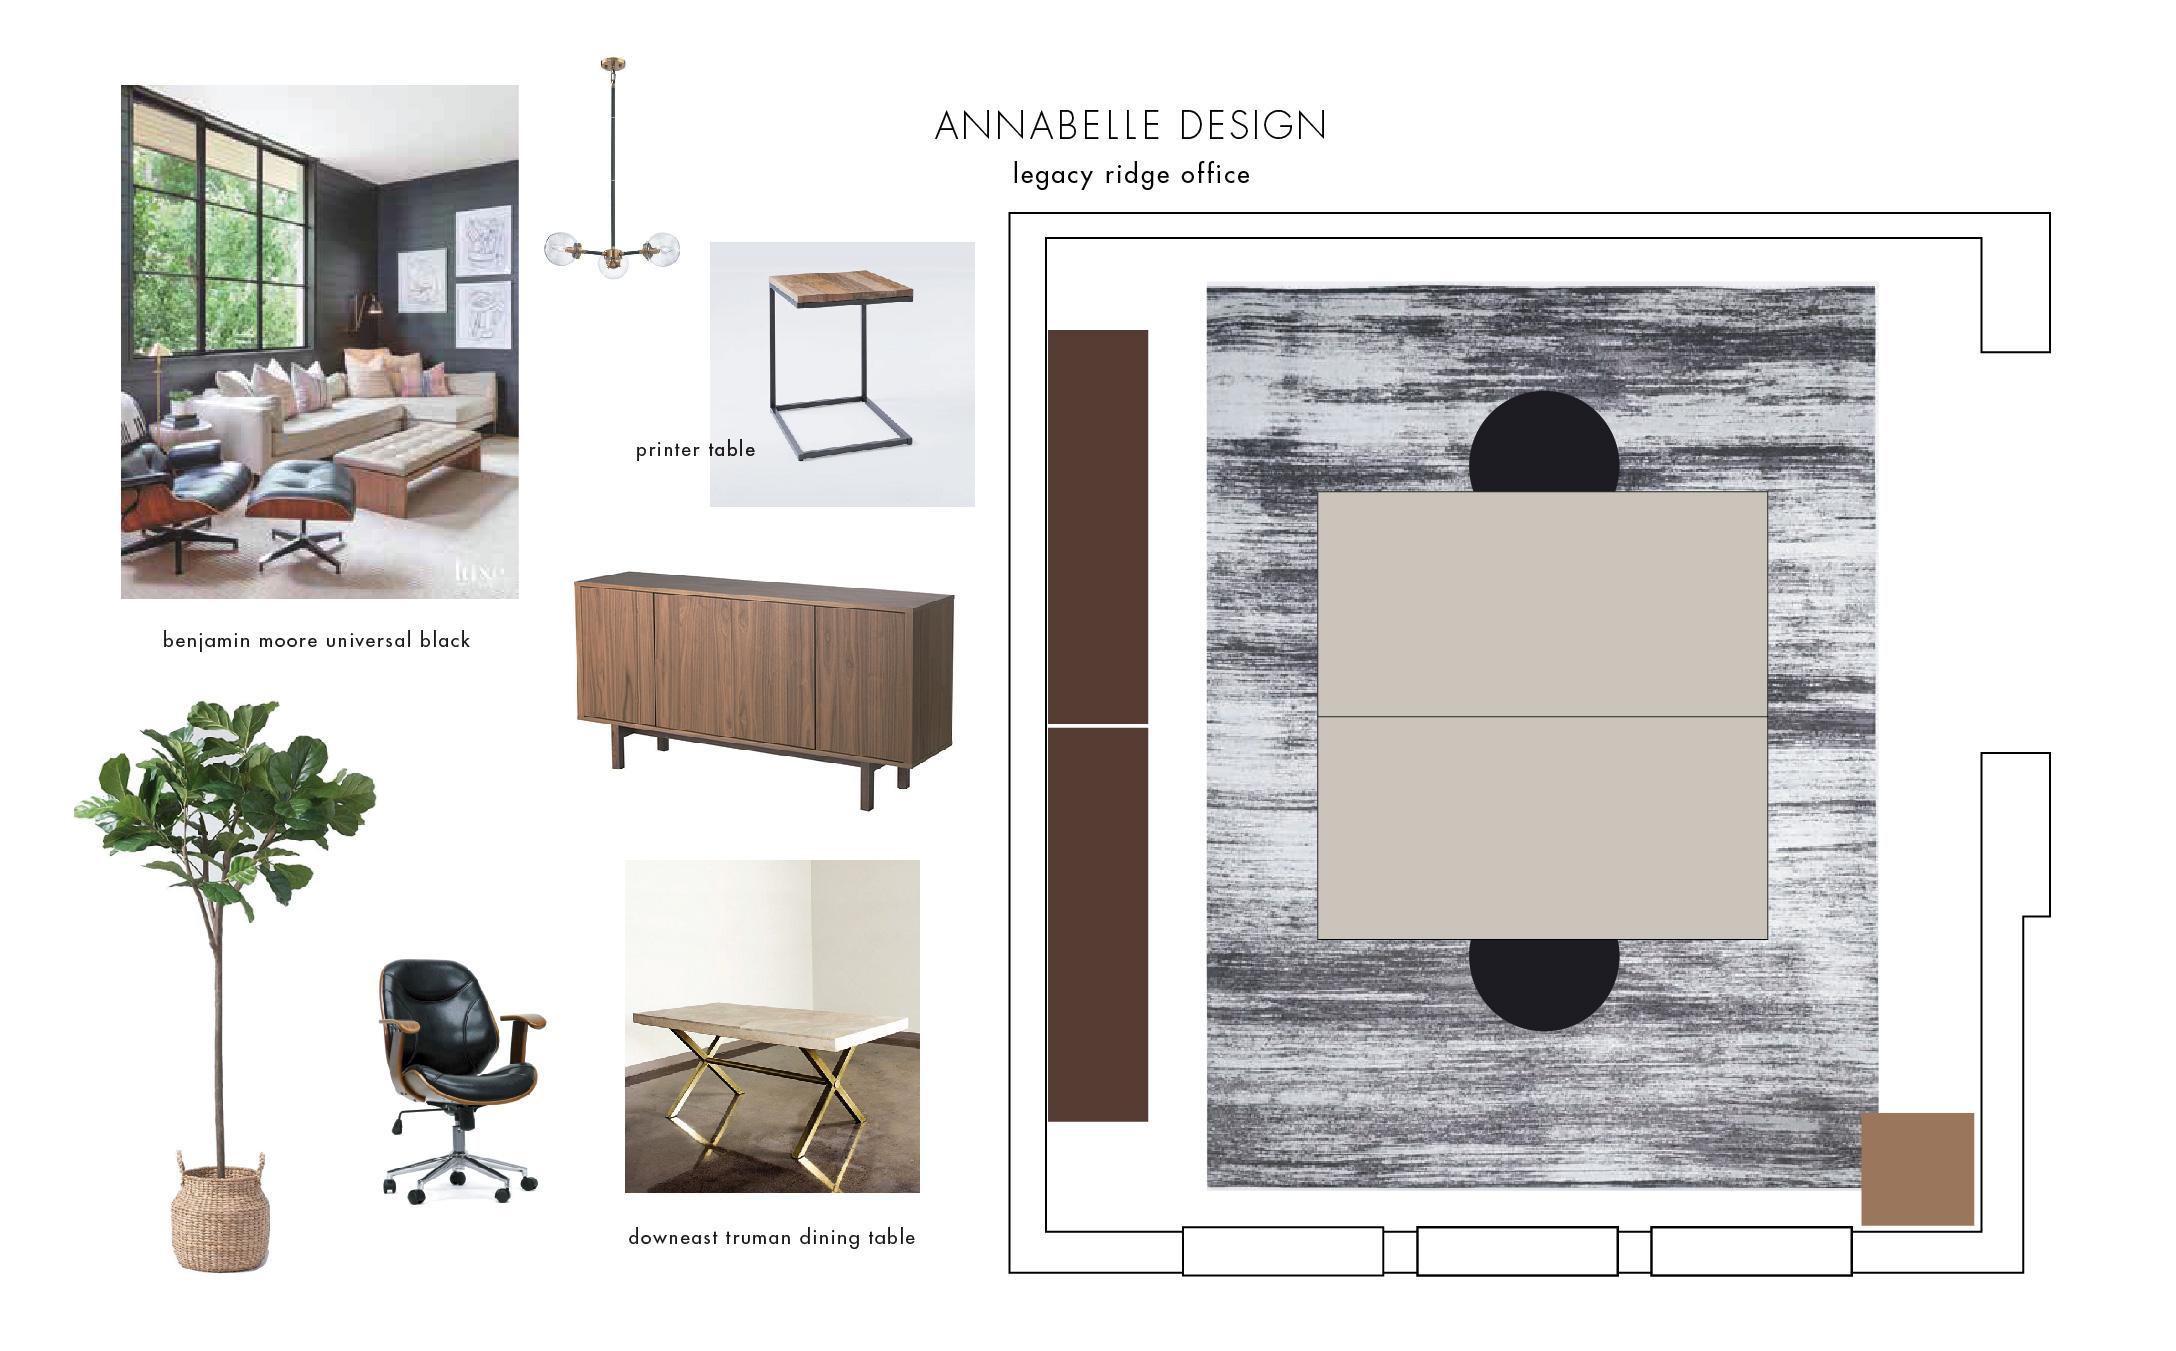 LegacyRidge-DesignBoardsConstructWeb-05.jpg